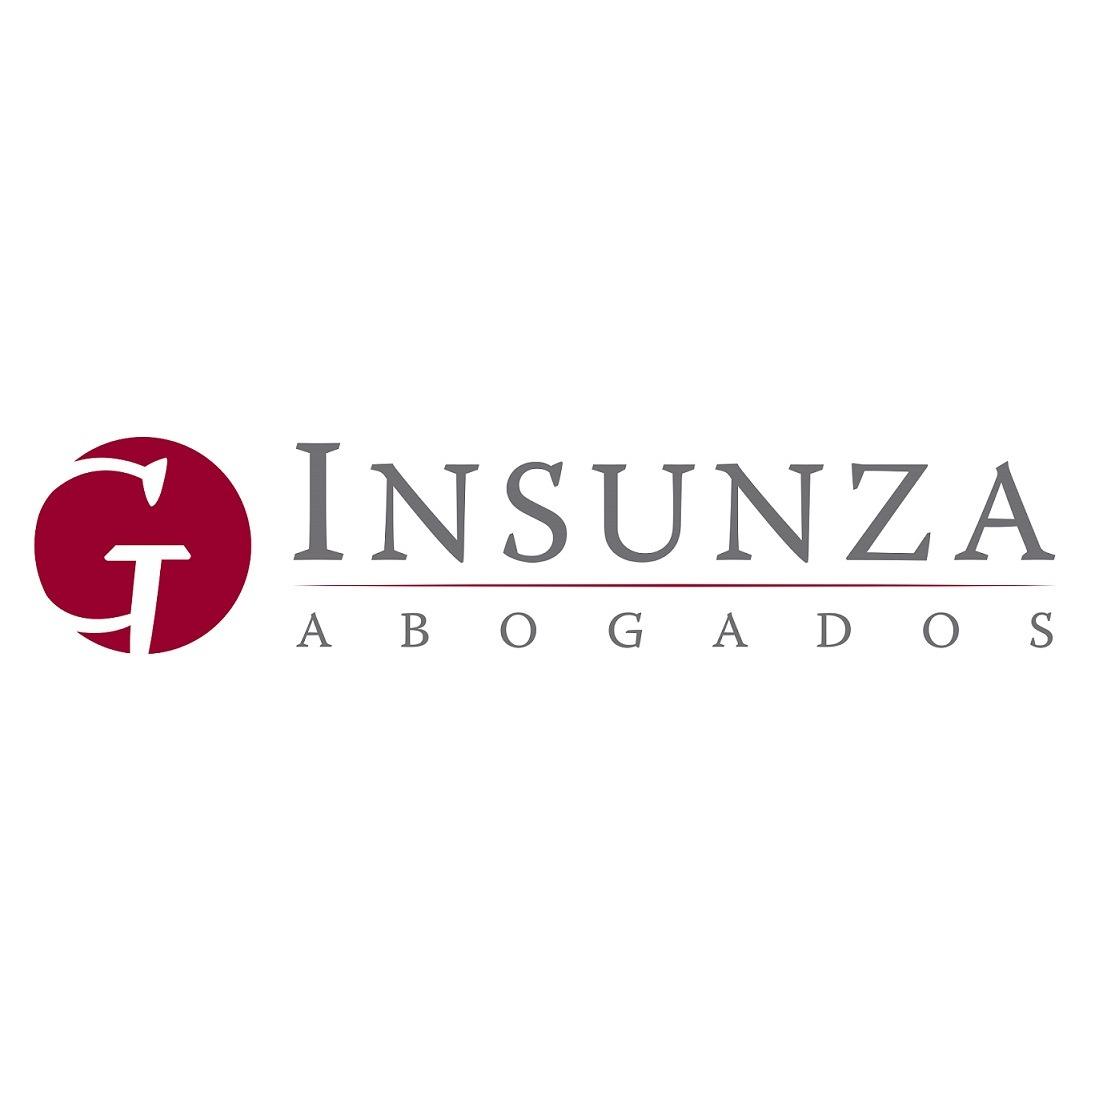 the Insunza Abogados logo.